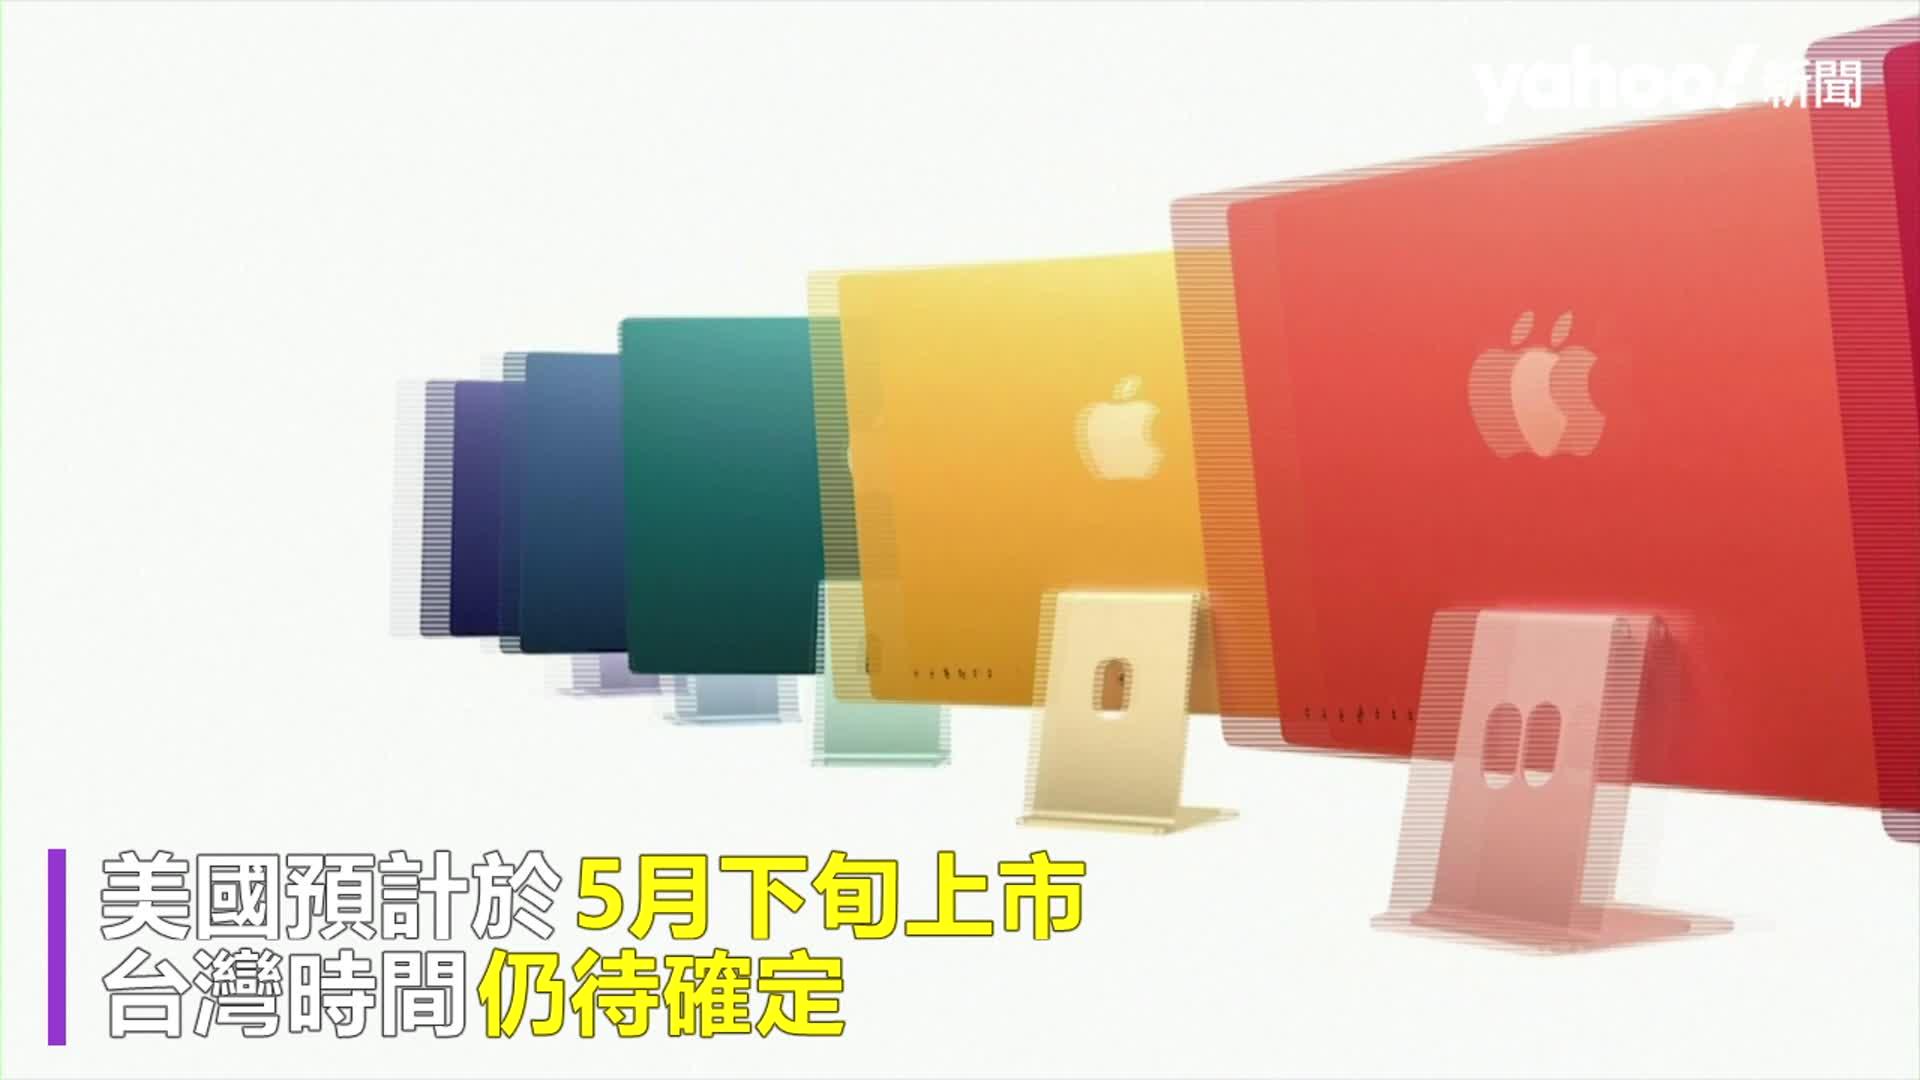 蘋果新品來了 紫色iPhone12、史上最鮮豔iMac、「健忘者救星」AirTag開賣